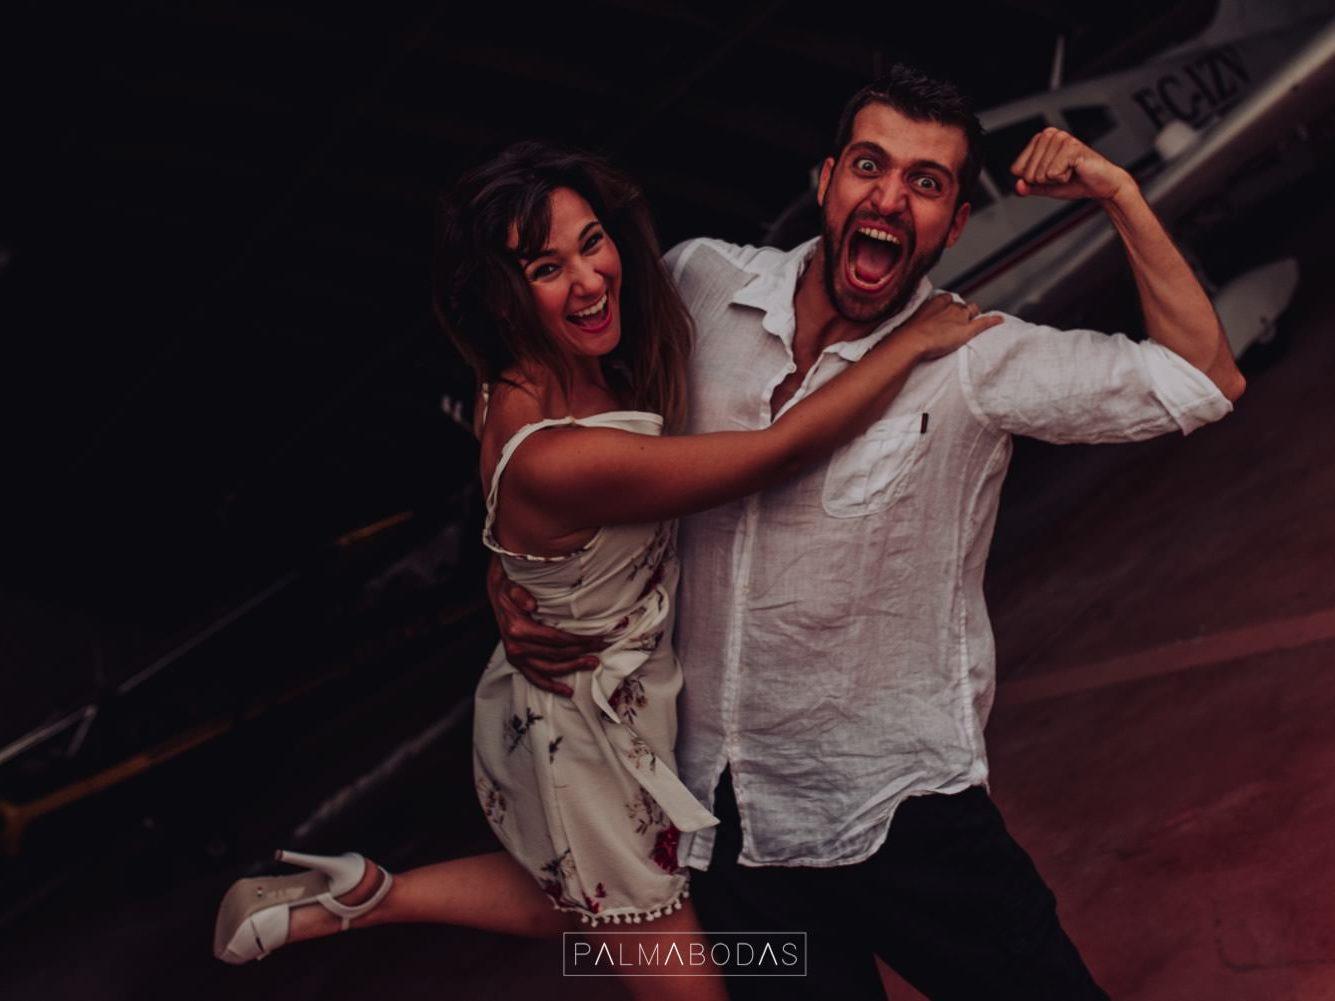 fotos de bodas diferentes palmabodas aviones